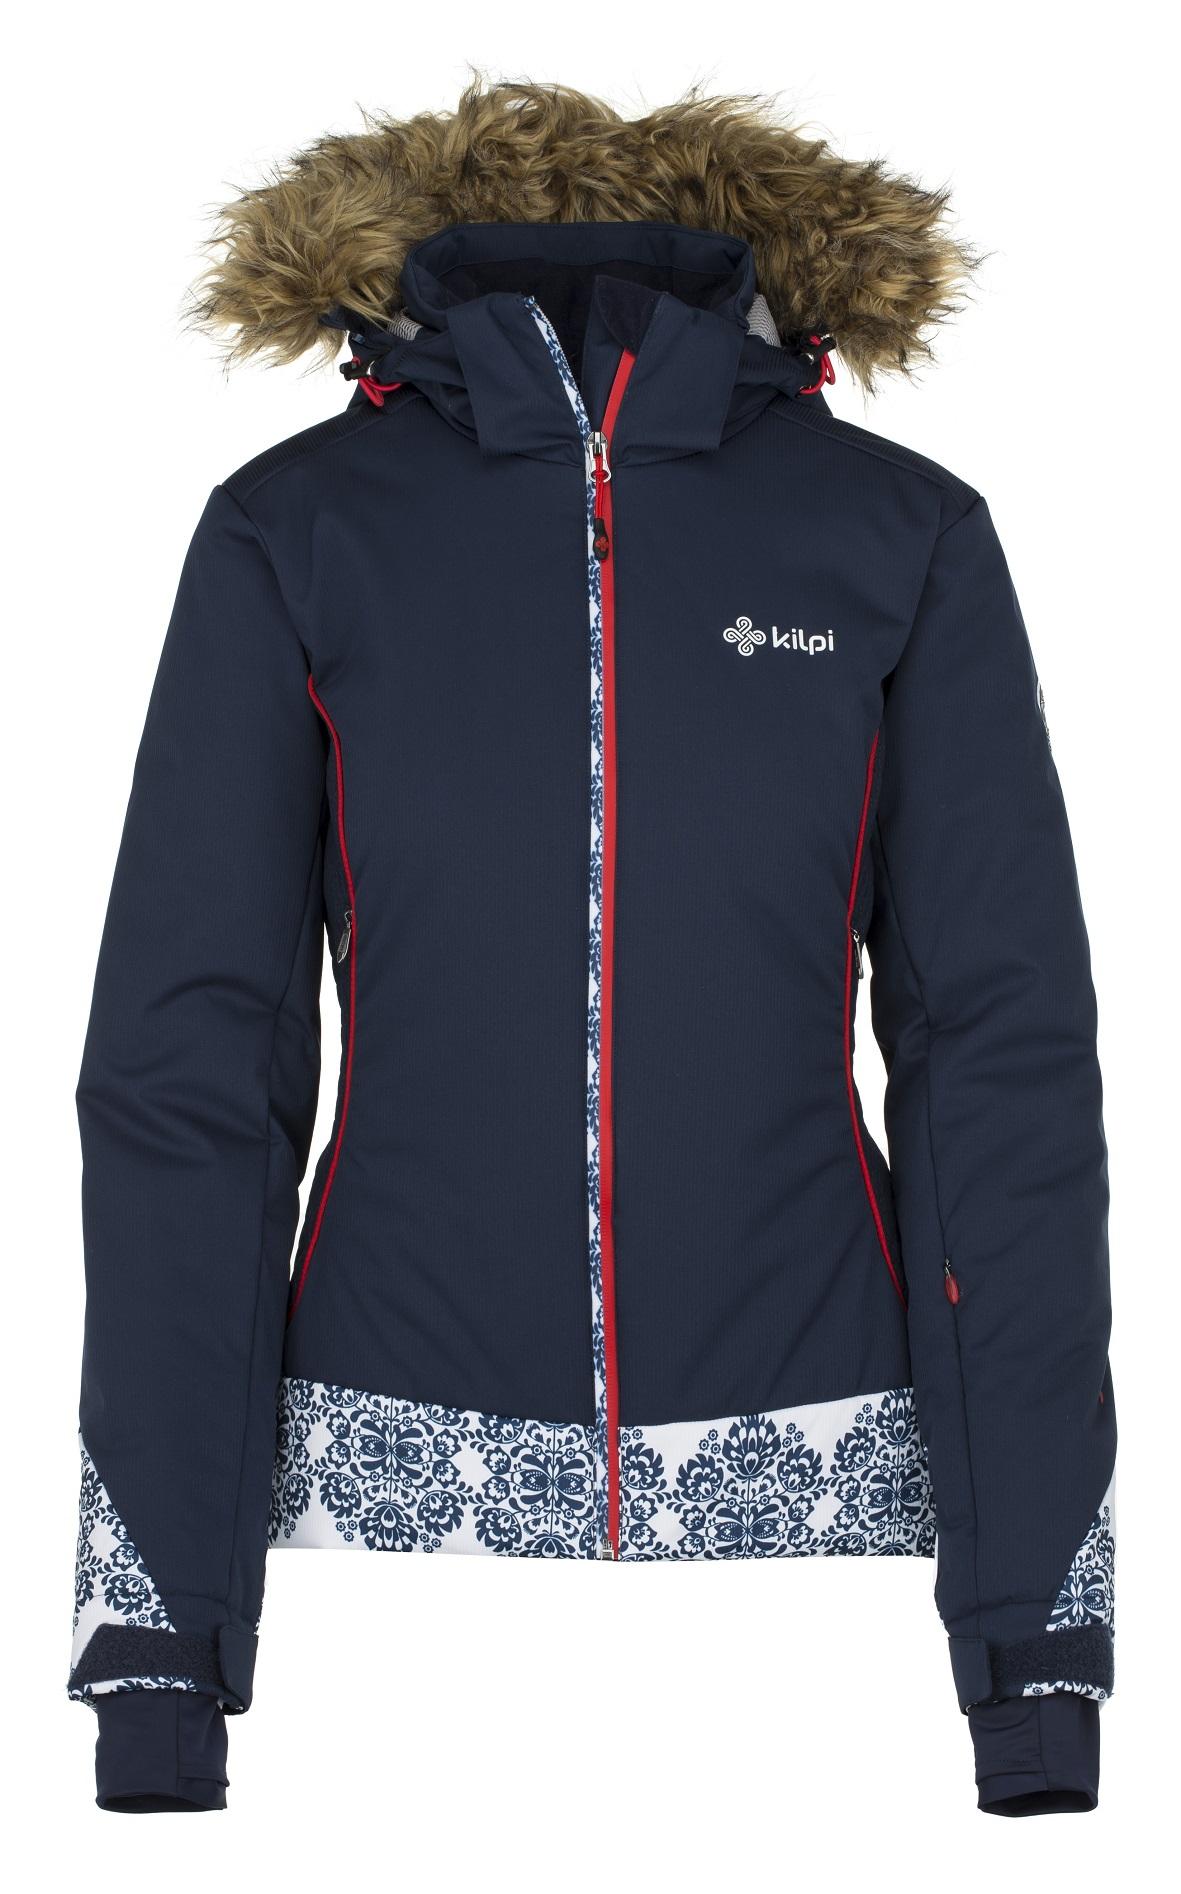 Bunda lyžařská dámská Kilpi VERA-W